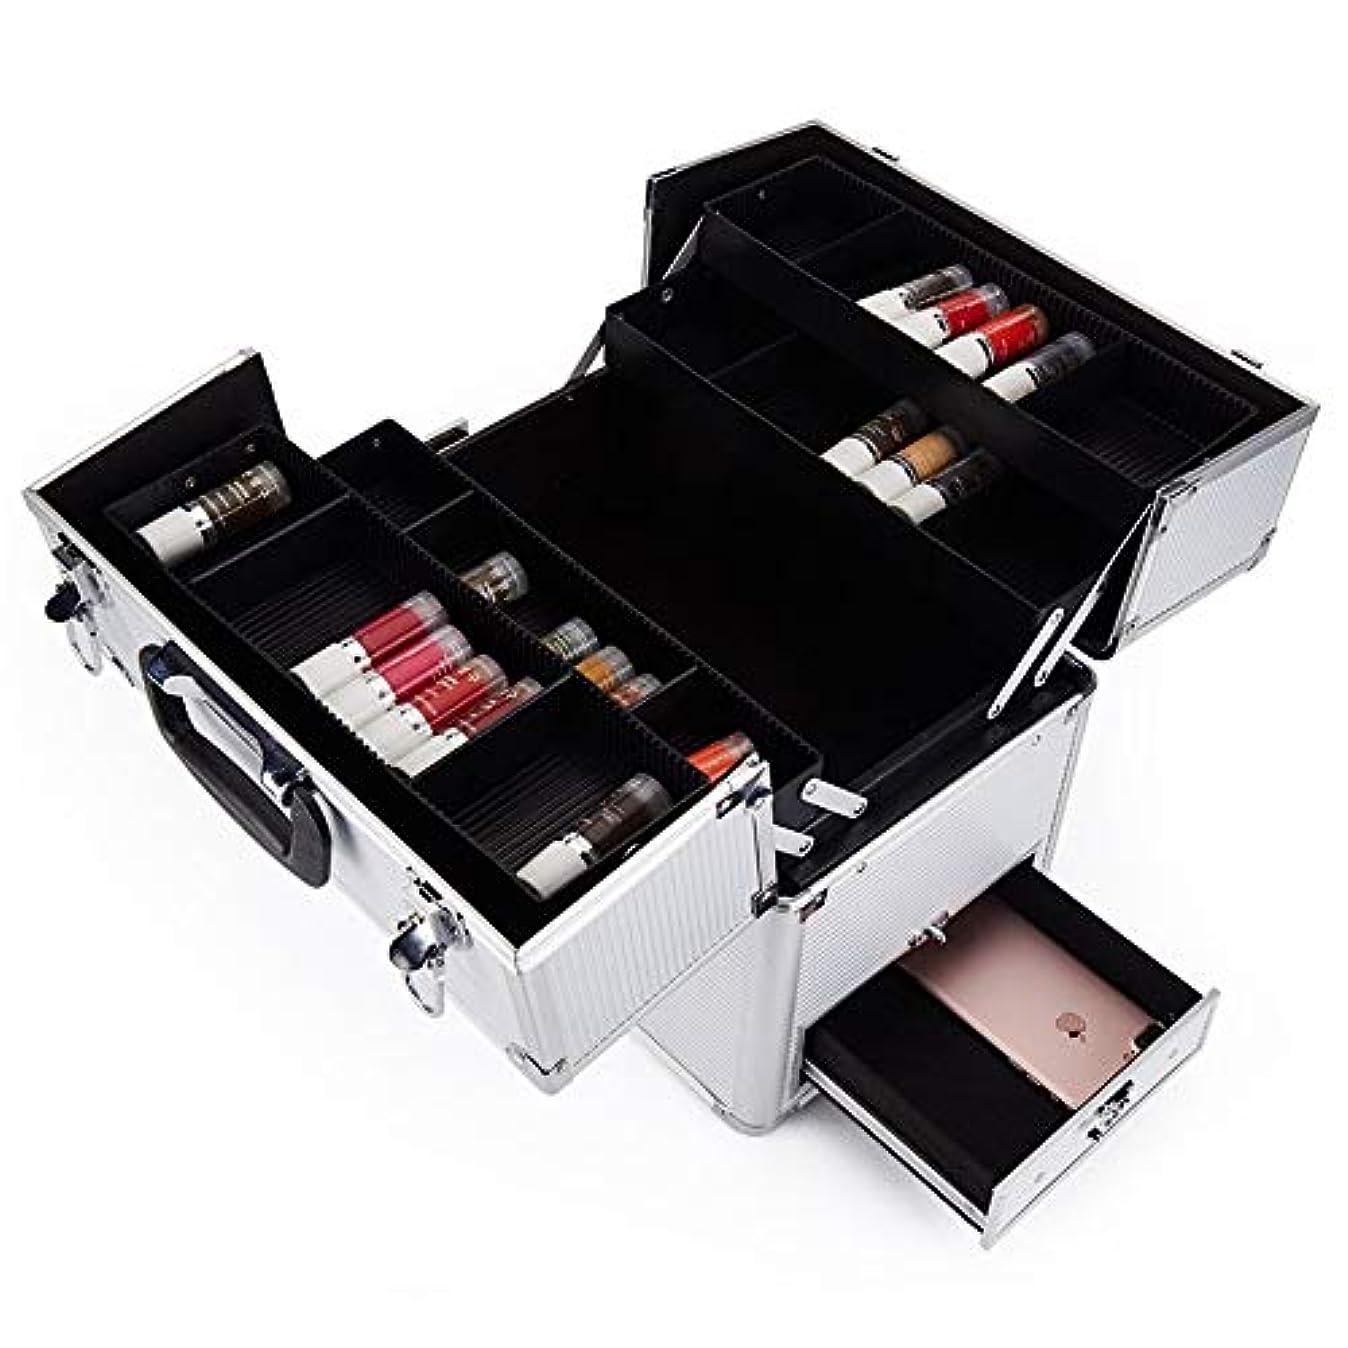 断線発言する種をまく化粧オーガナイザーバッグ 多機能旅行メイクアップバッグパターンメイクアップアーティストケーストレインボックス化粧品オーガナイザー収納ボックス 化粧品ケース